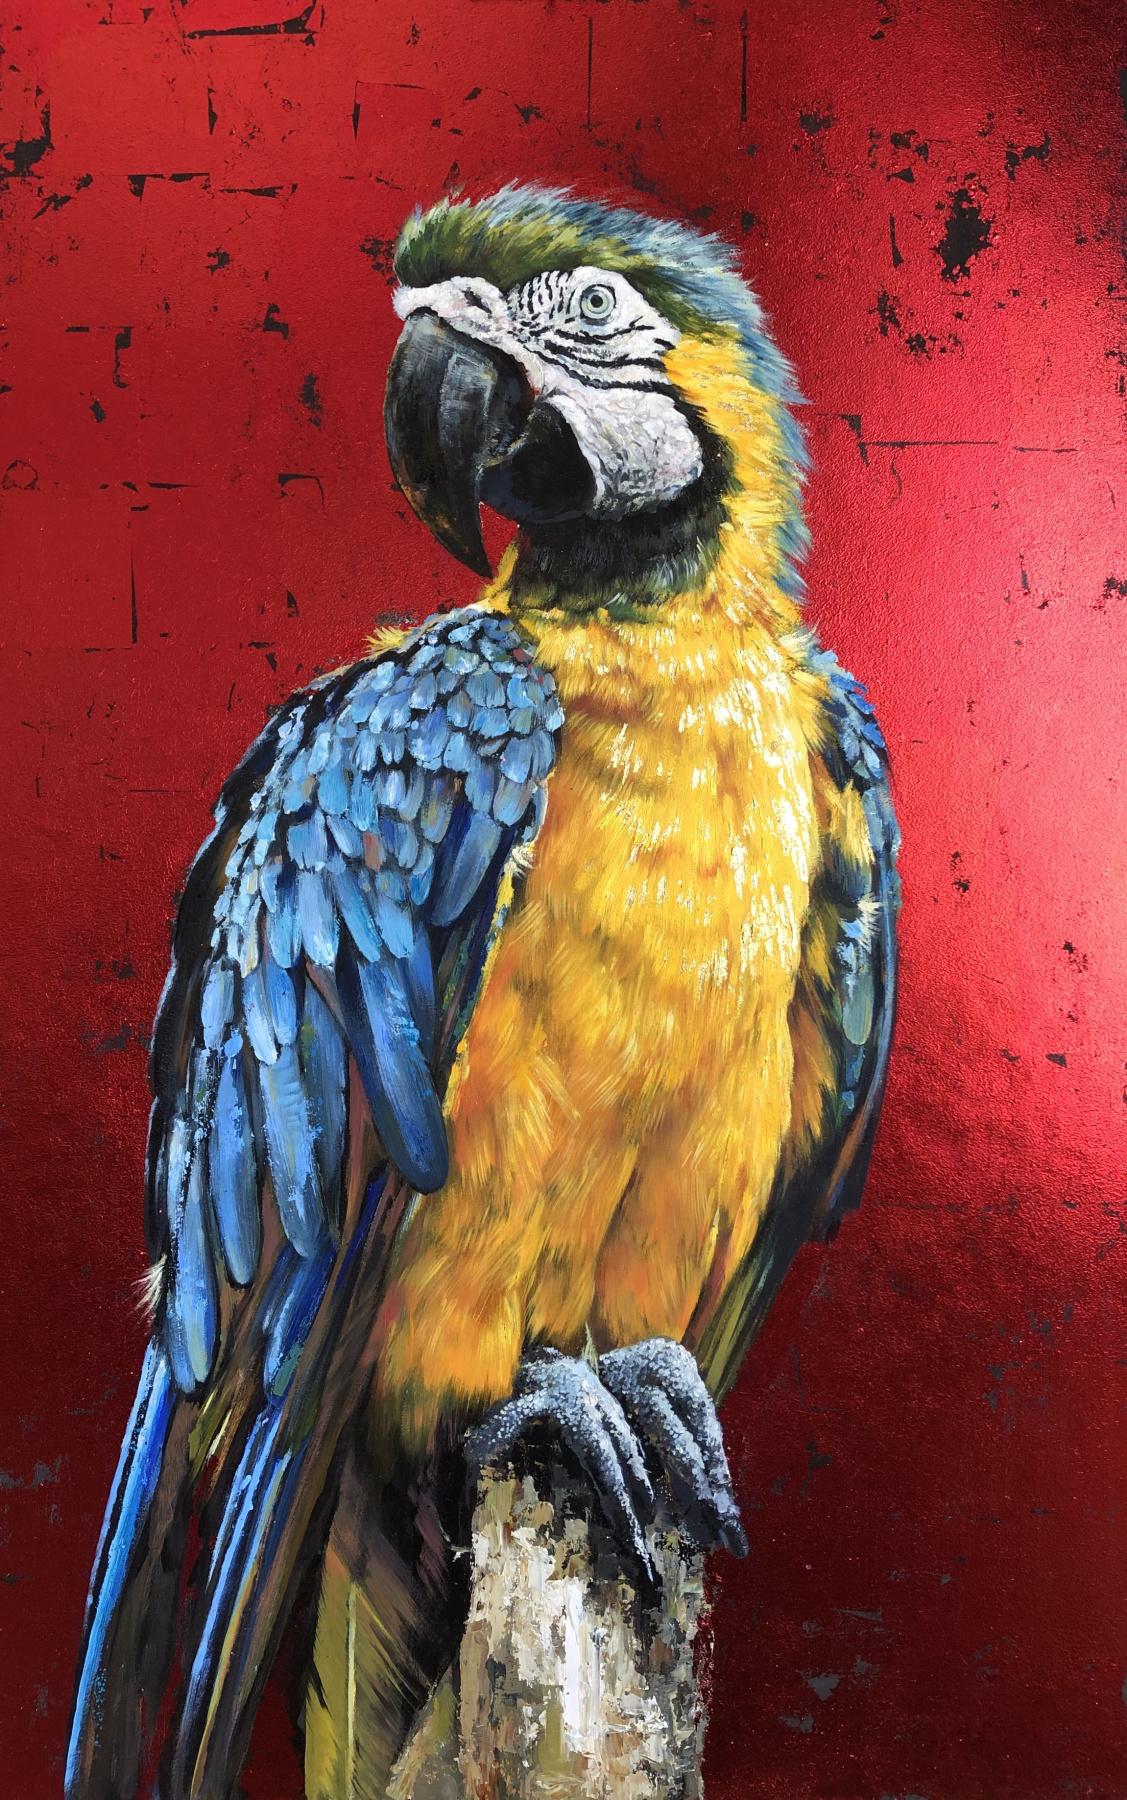 Olga Shatskaya. Macaw on red